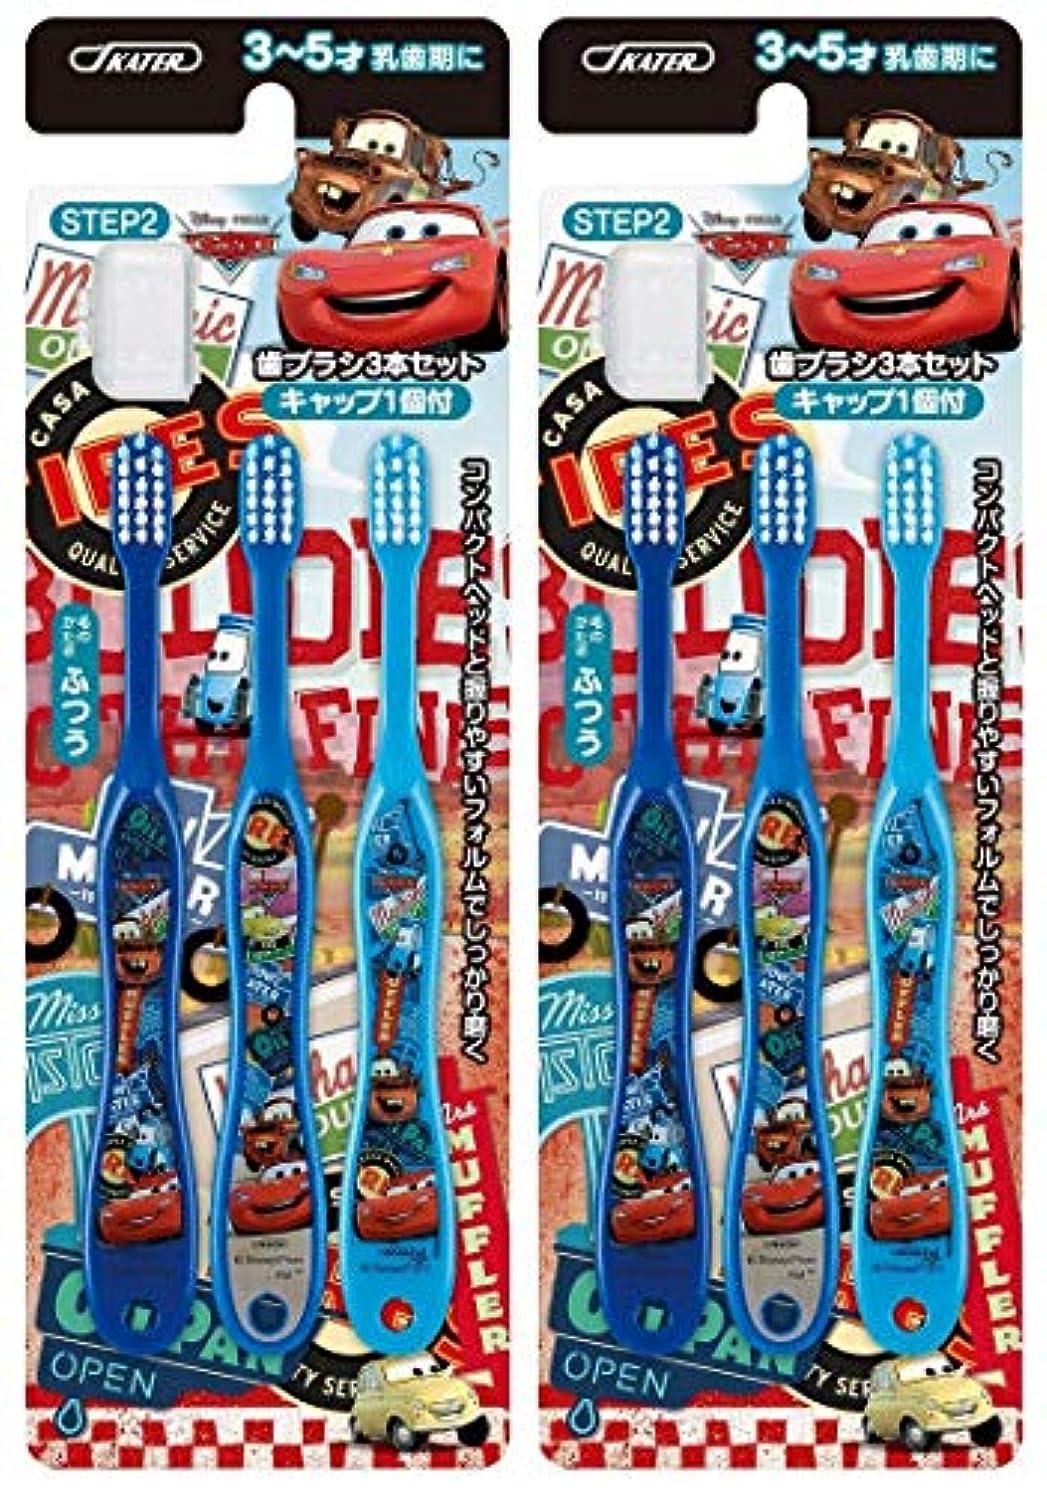 ロープどう?かりてスケーター 歯ブラシ 園児用 3-5才 普通 6本セット (3本セット×2個) カーズ 14cm TB5T